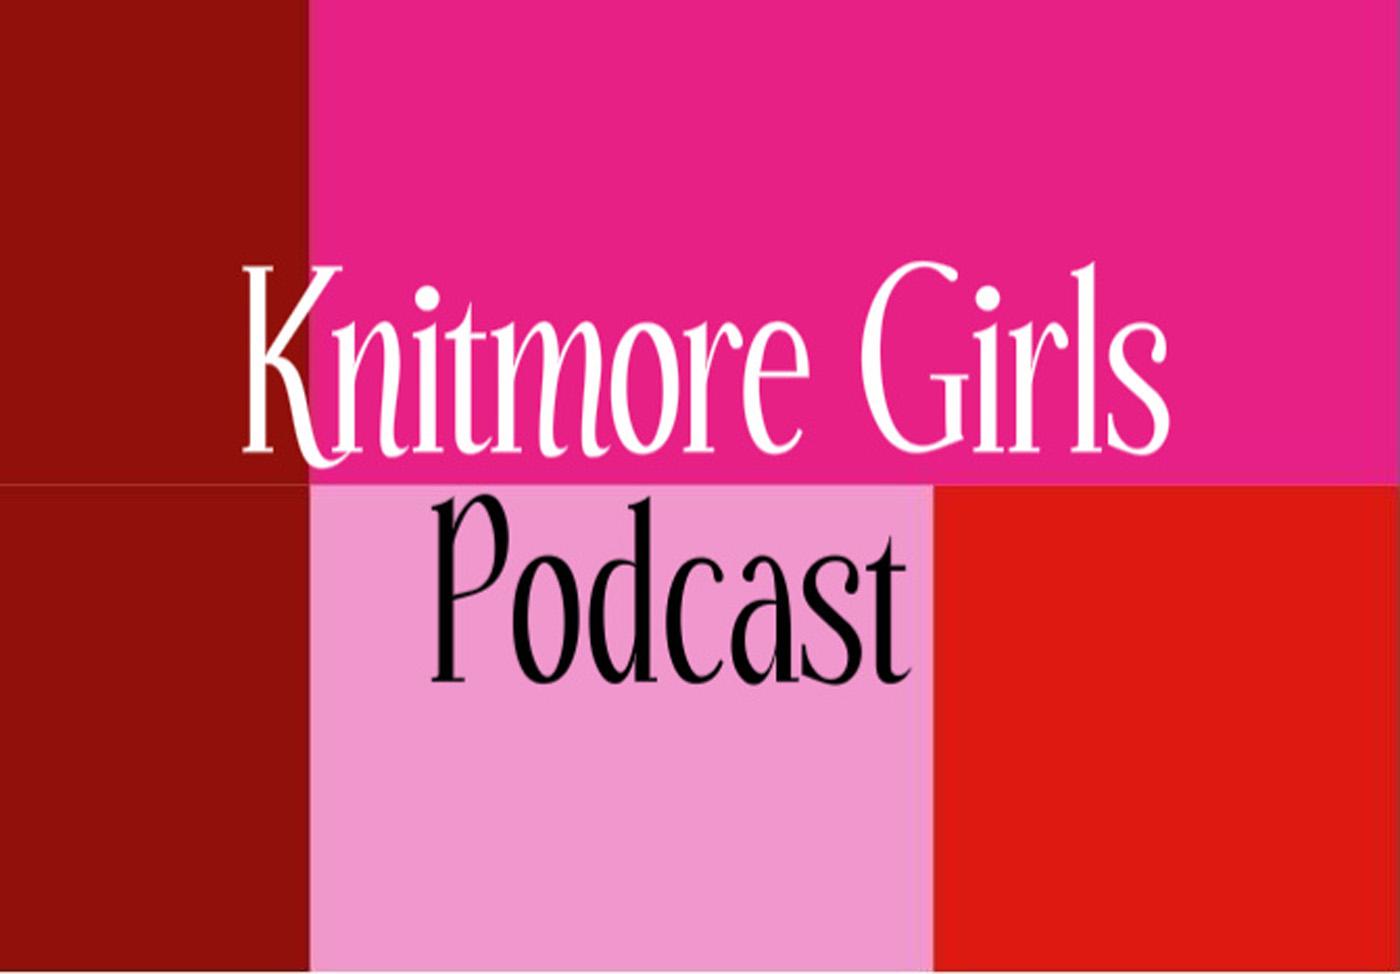 Knitmoregirls's Podcast show art